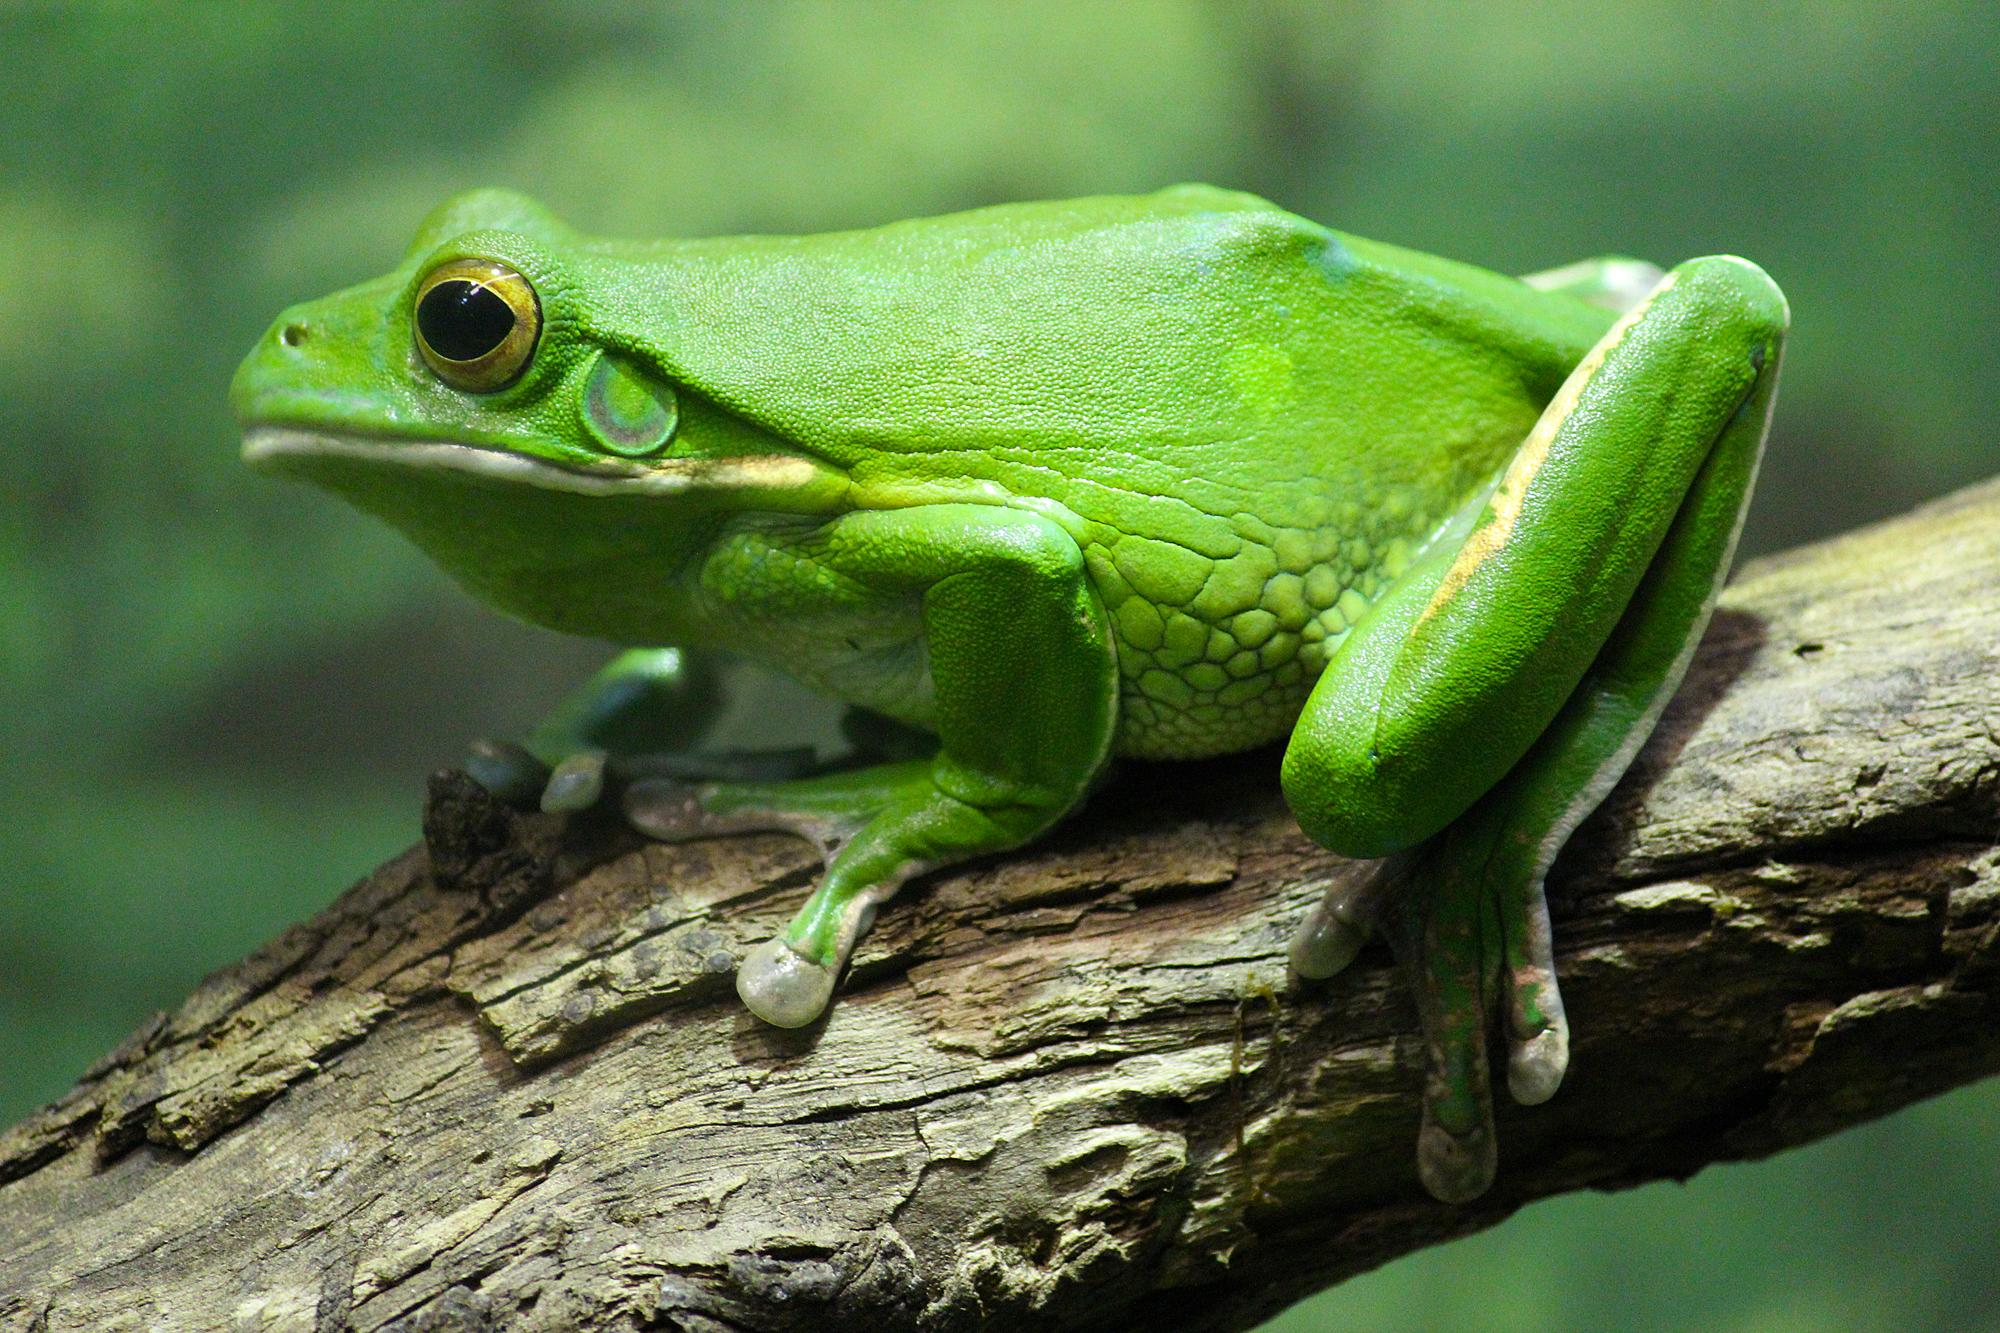 Frog - The Animal Kingdom